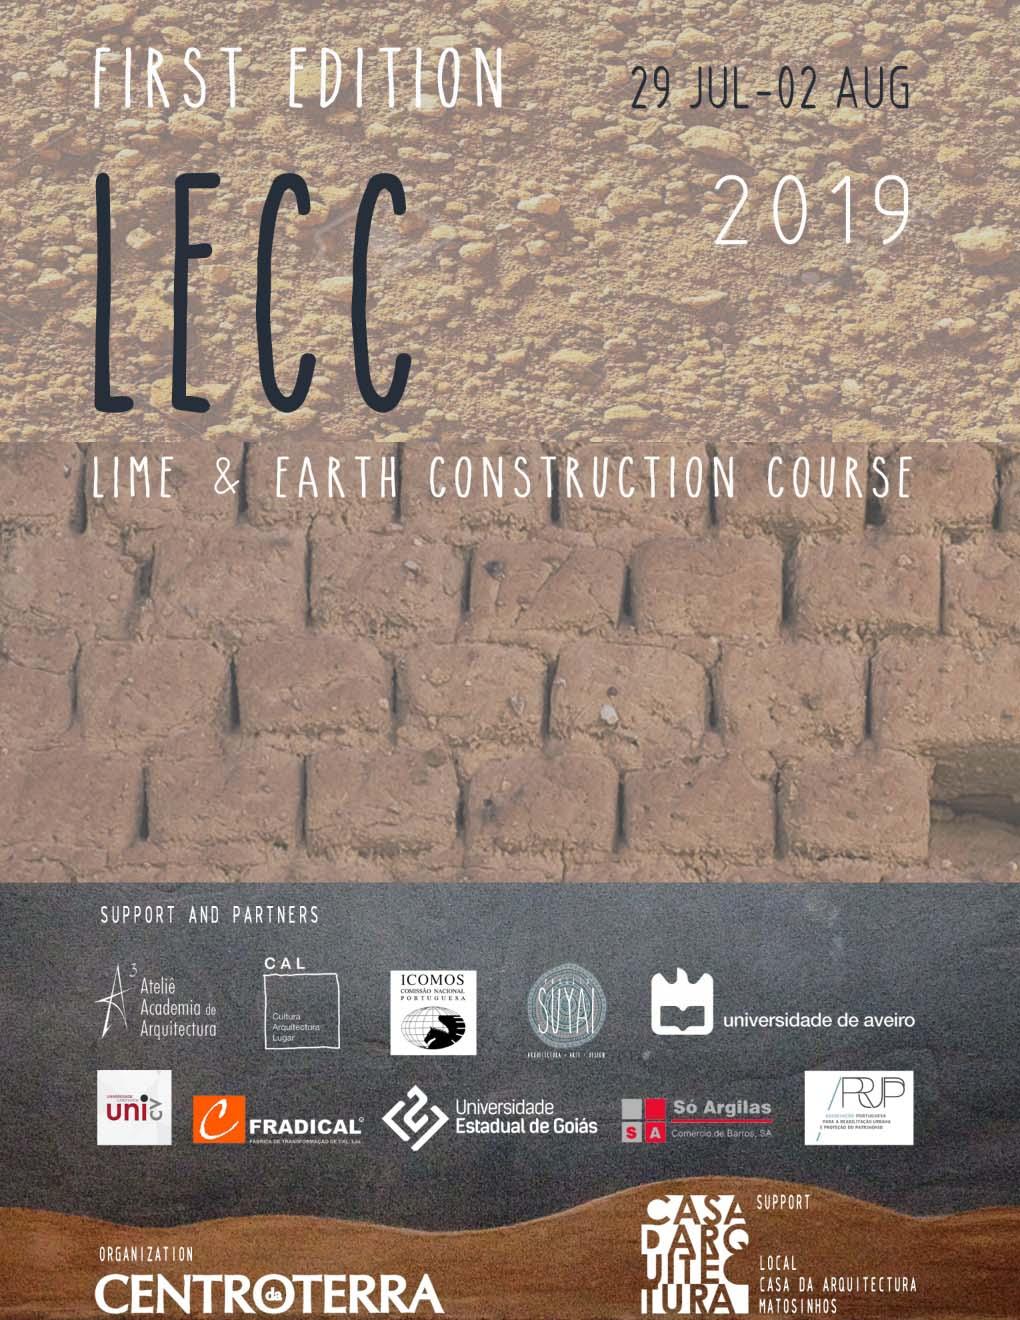 LECC_19 PROGRAM_EN-1